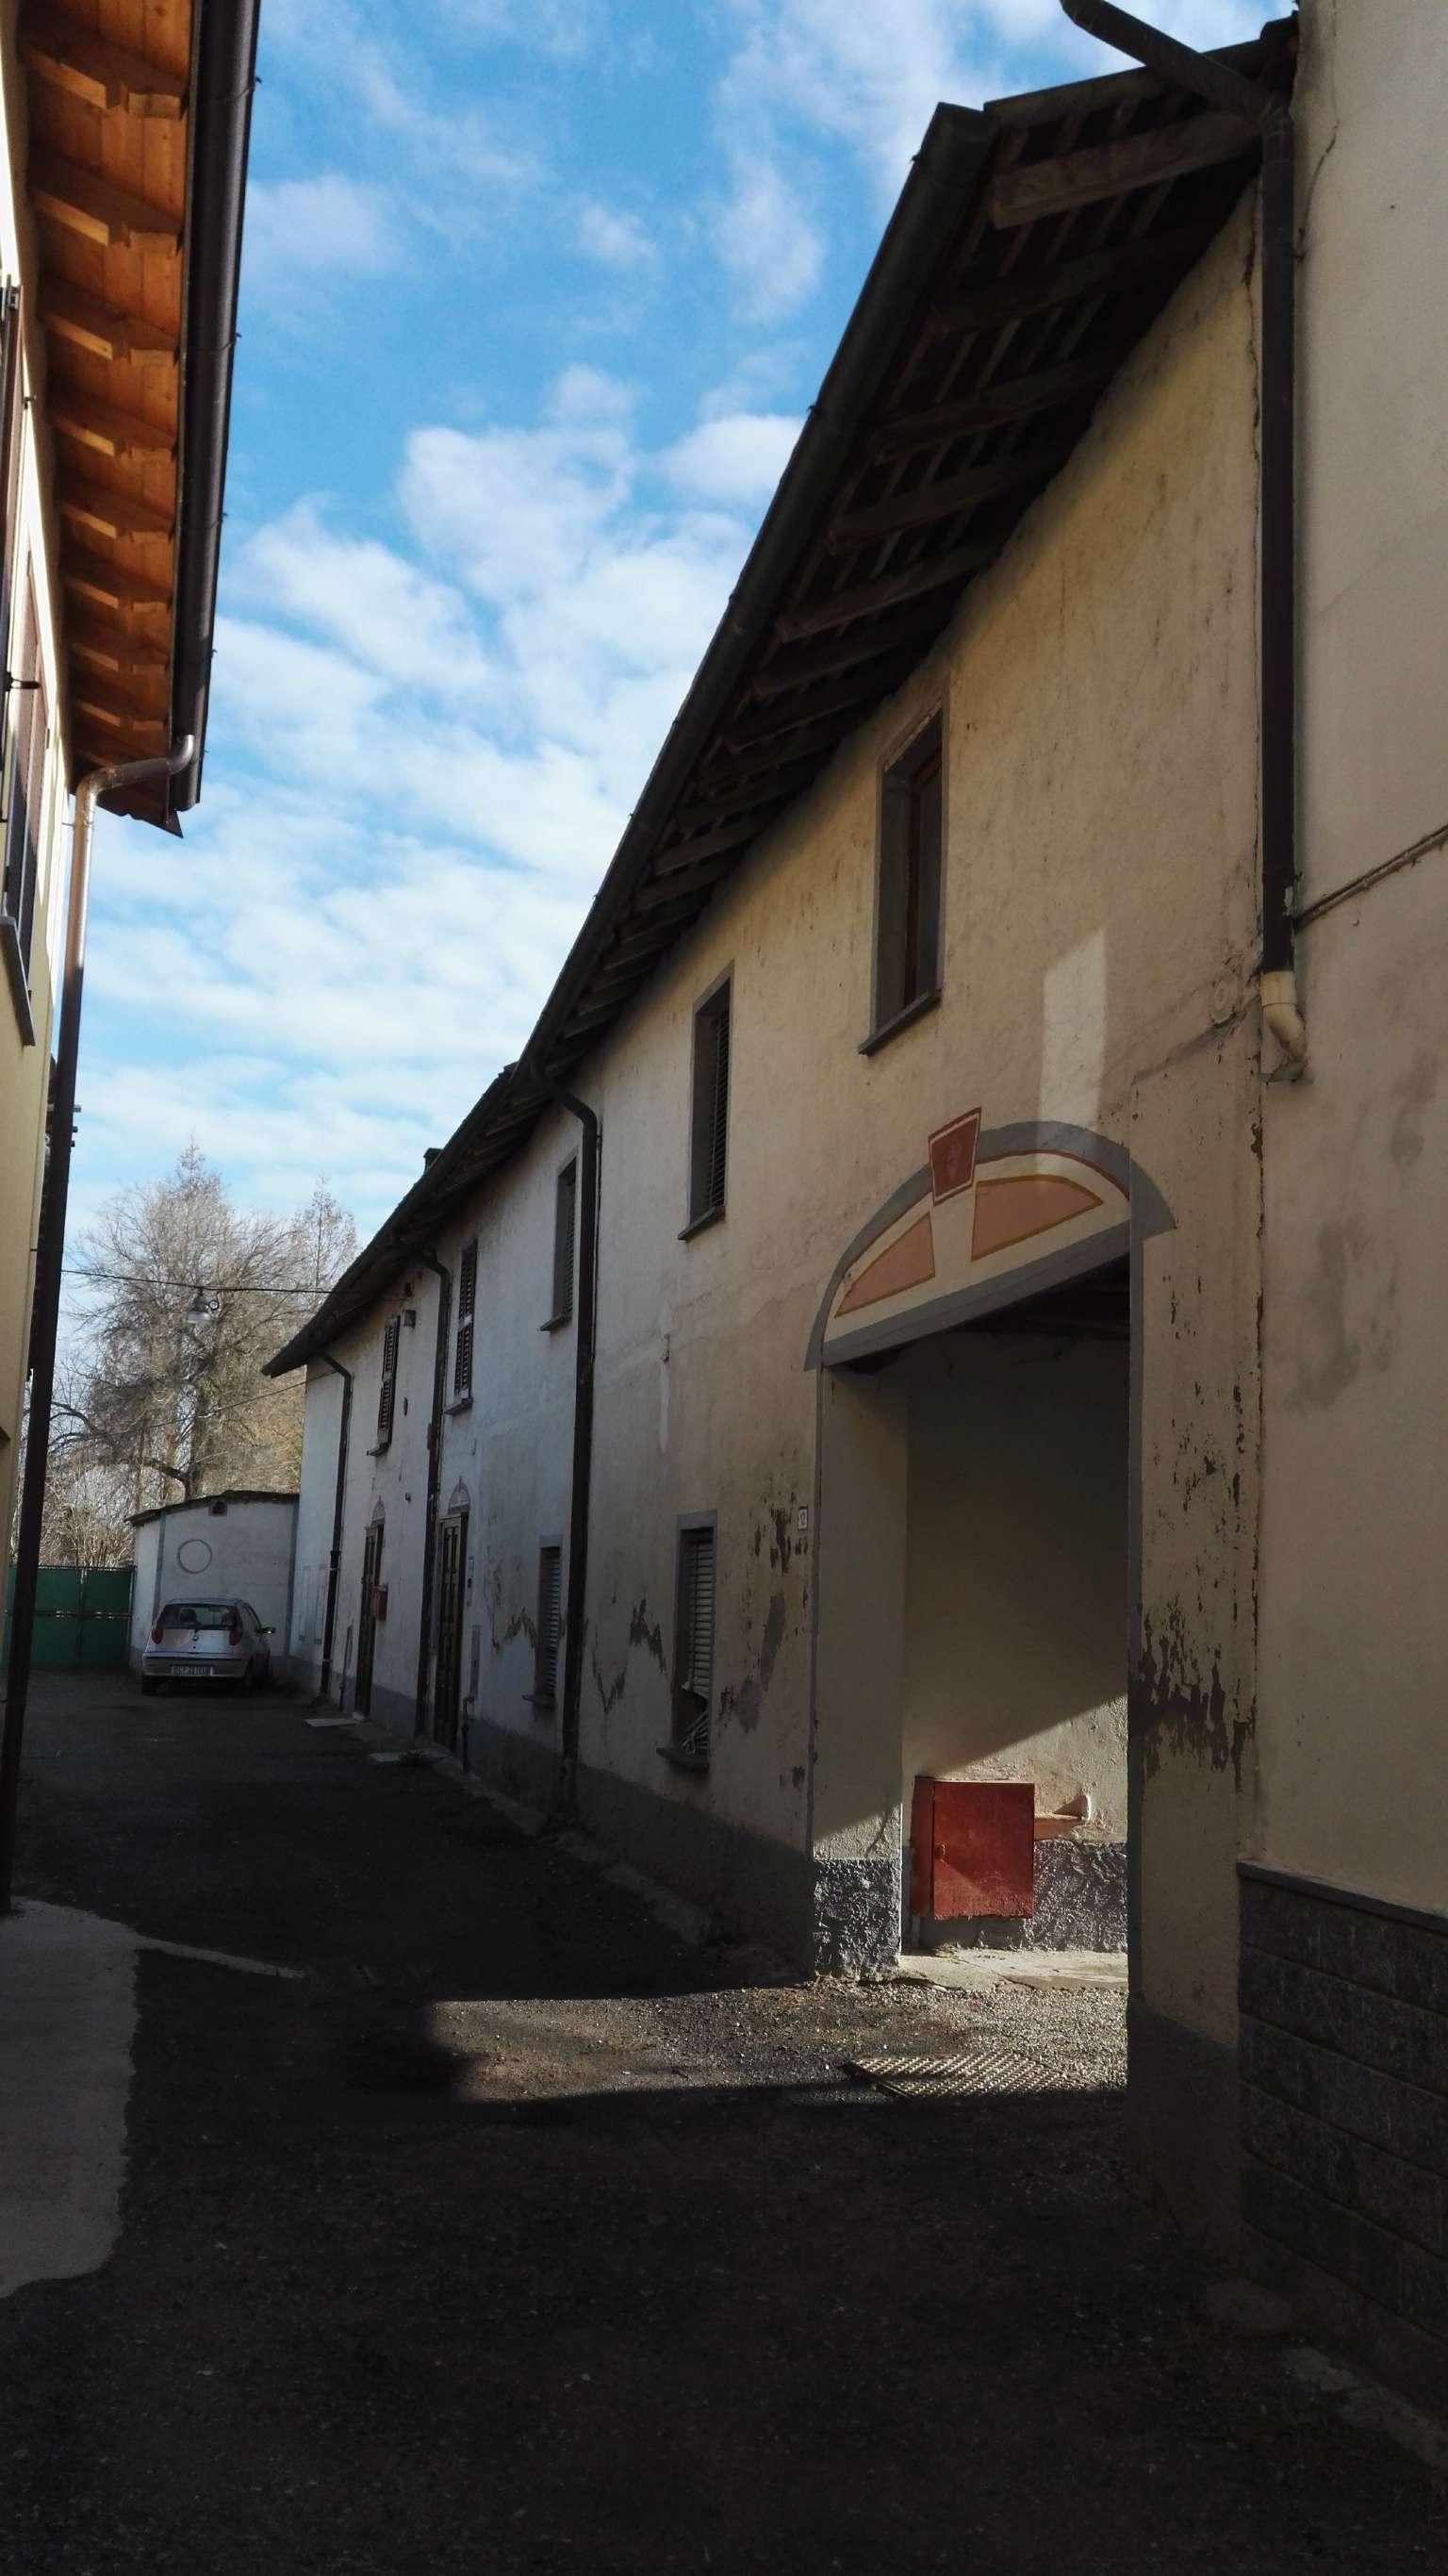 Appartamento in vendita a Binasco, 2 locali, prezzo € 48.000 | Cambio Casa.it